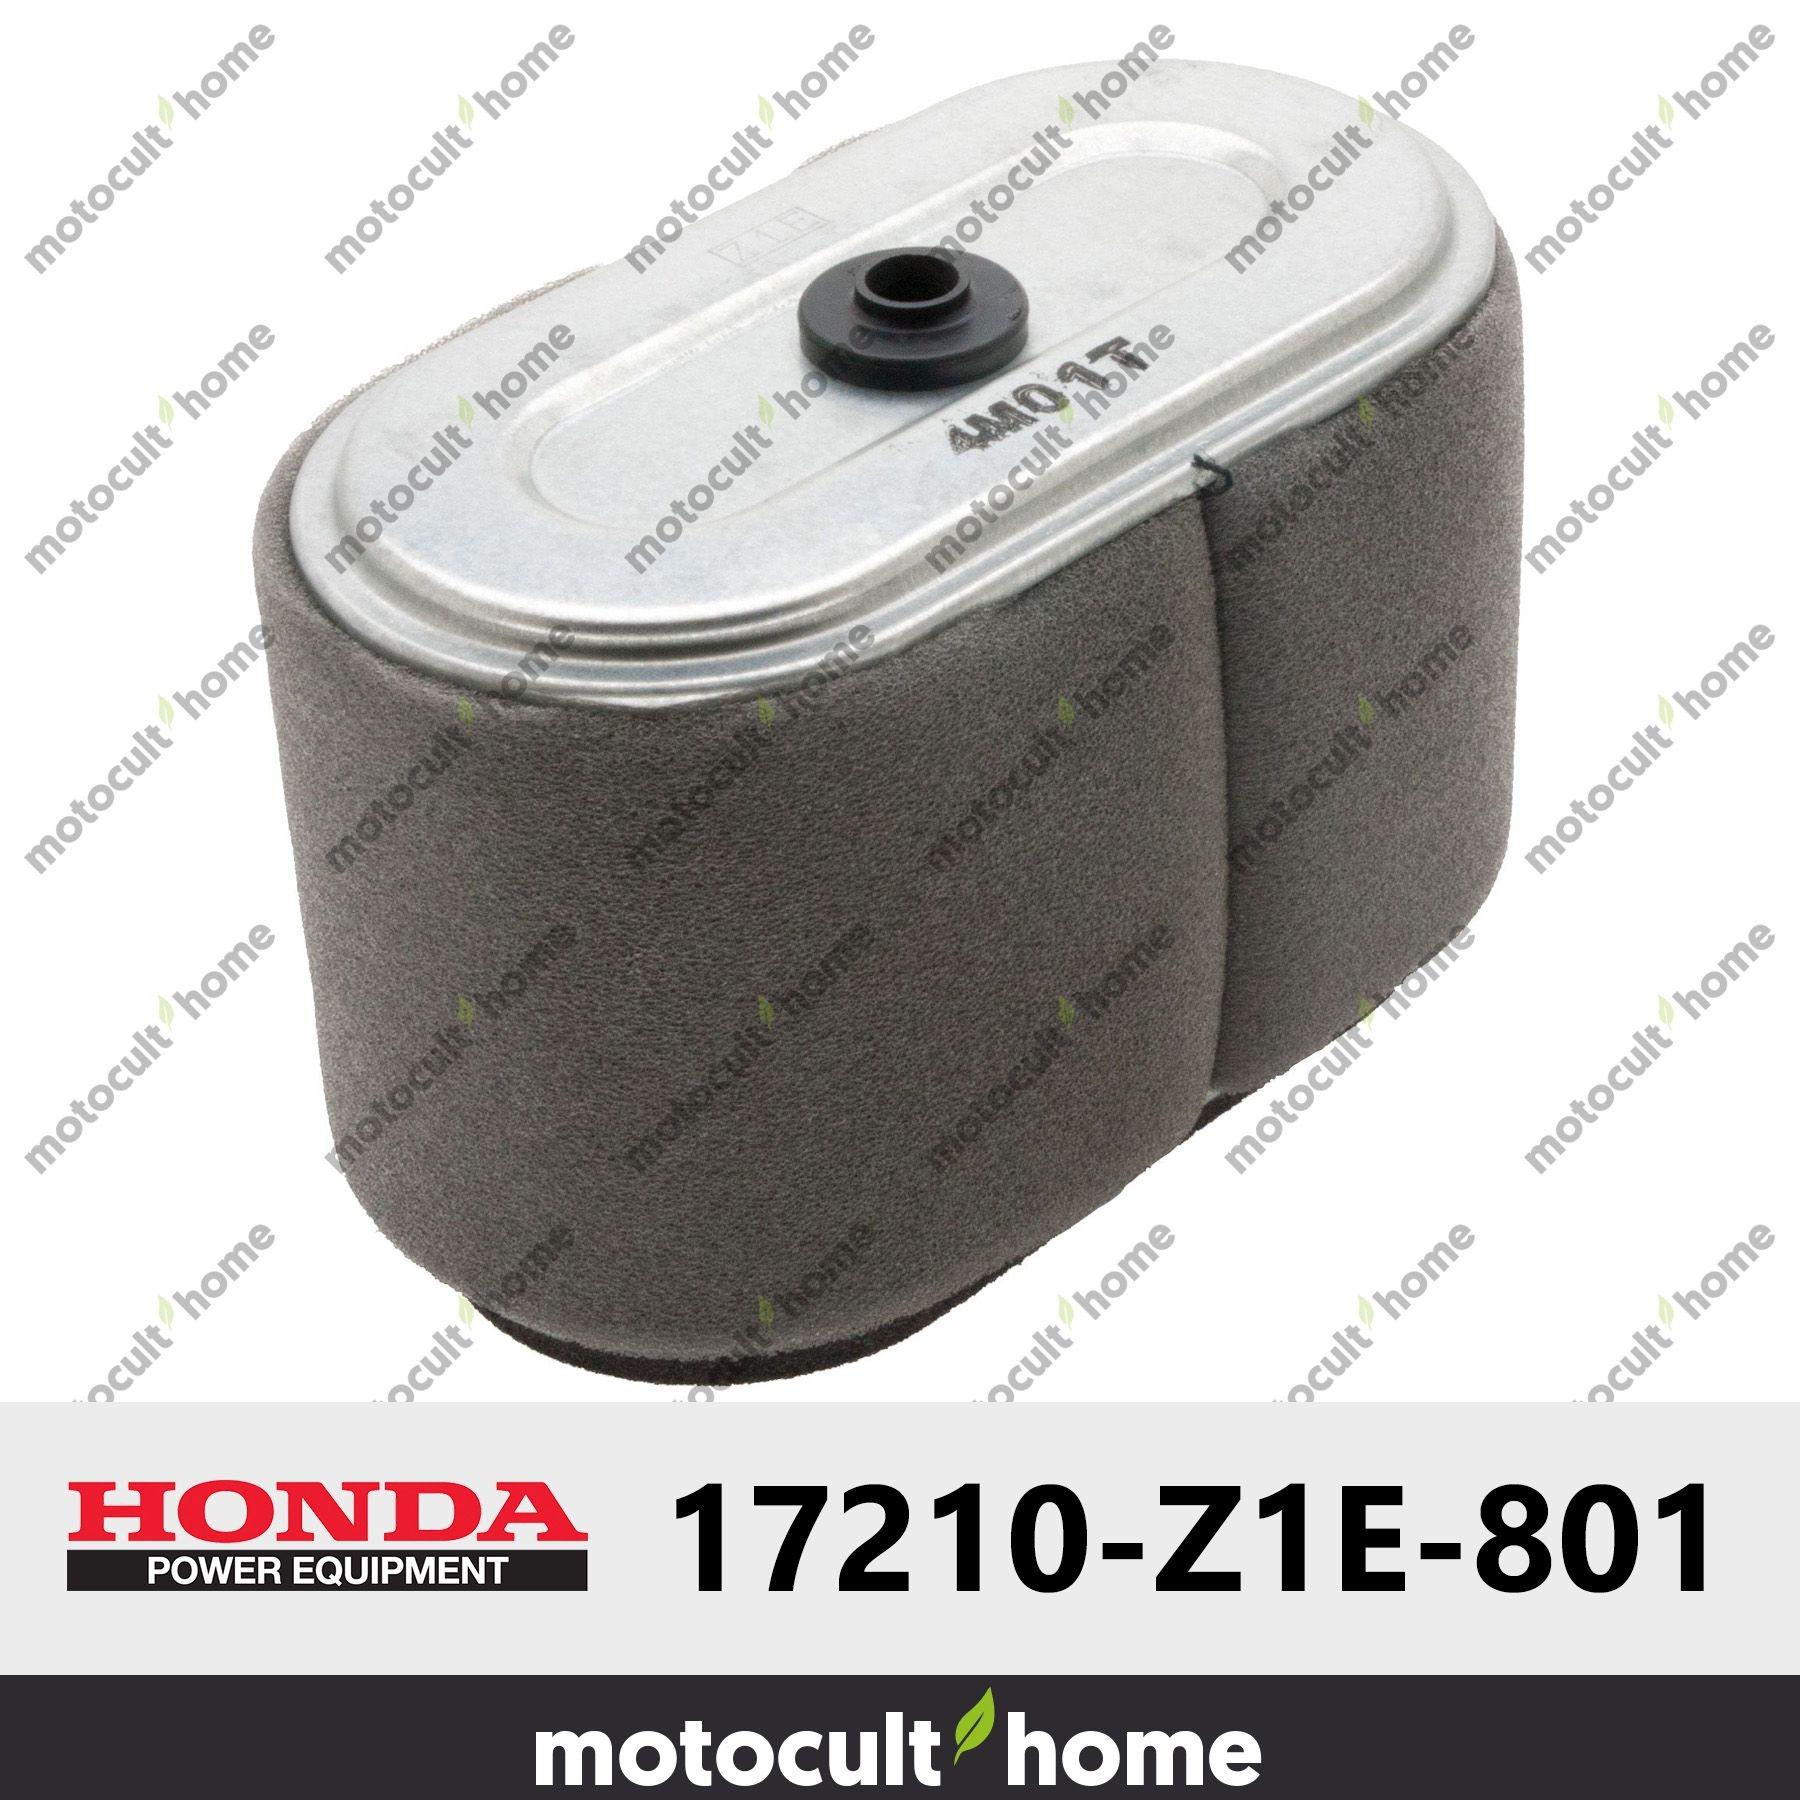 Nrpfell Le Filtre /à Air de Moto Le Filtre /à Air Convient pour Z1000 Z1000SX ZX1000 Ninja 1000 KLZ1000 VERSYS 2011-2019